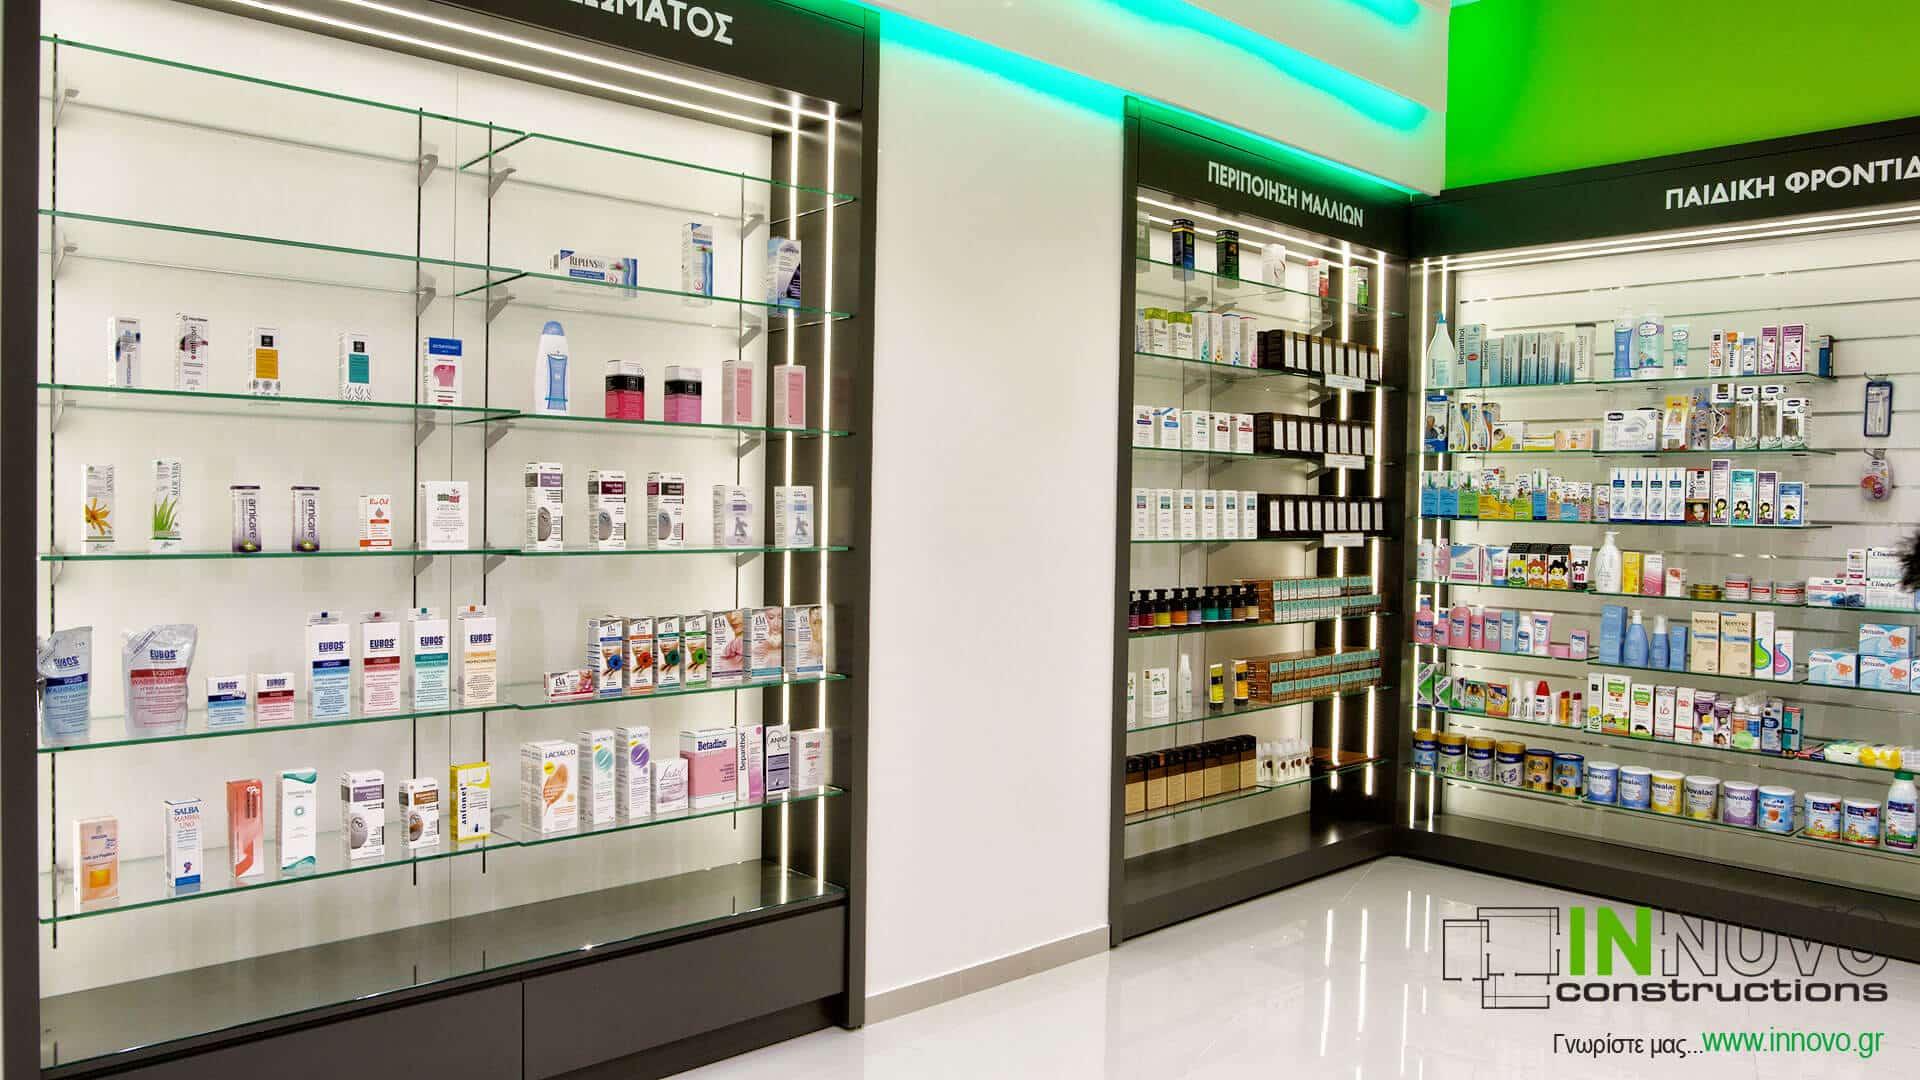 Ανακαίνιση κατασκευή φαρμακείου Αγ. Δημήτριο